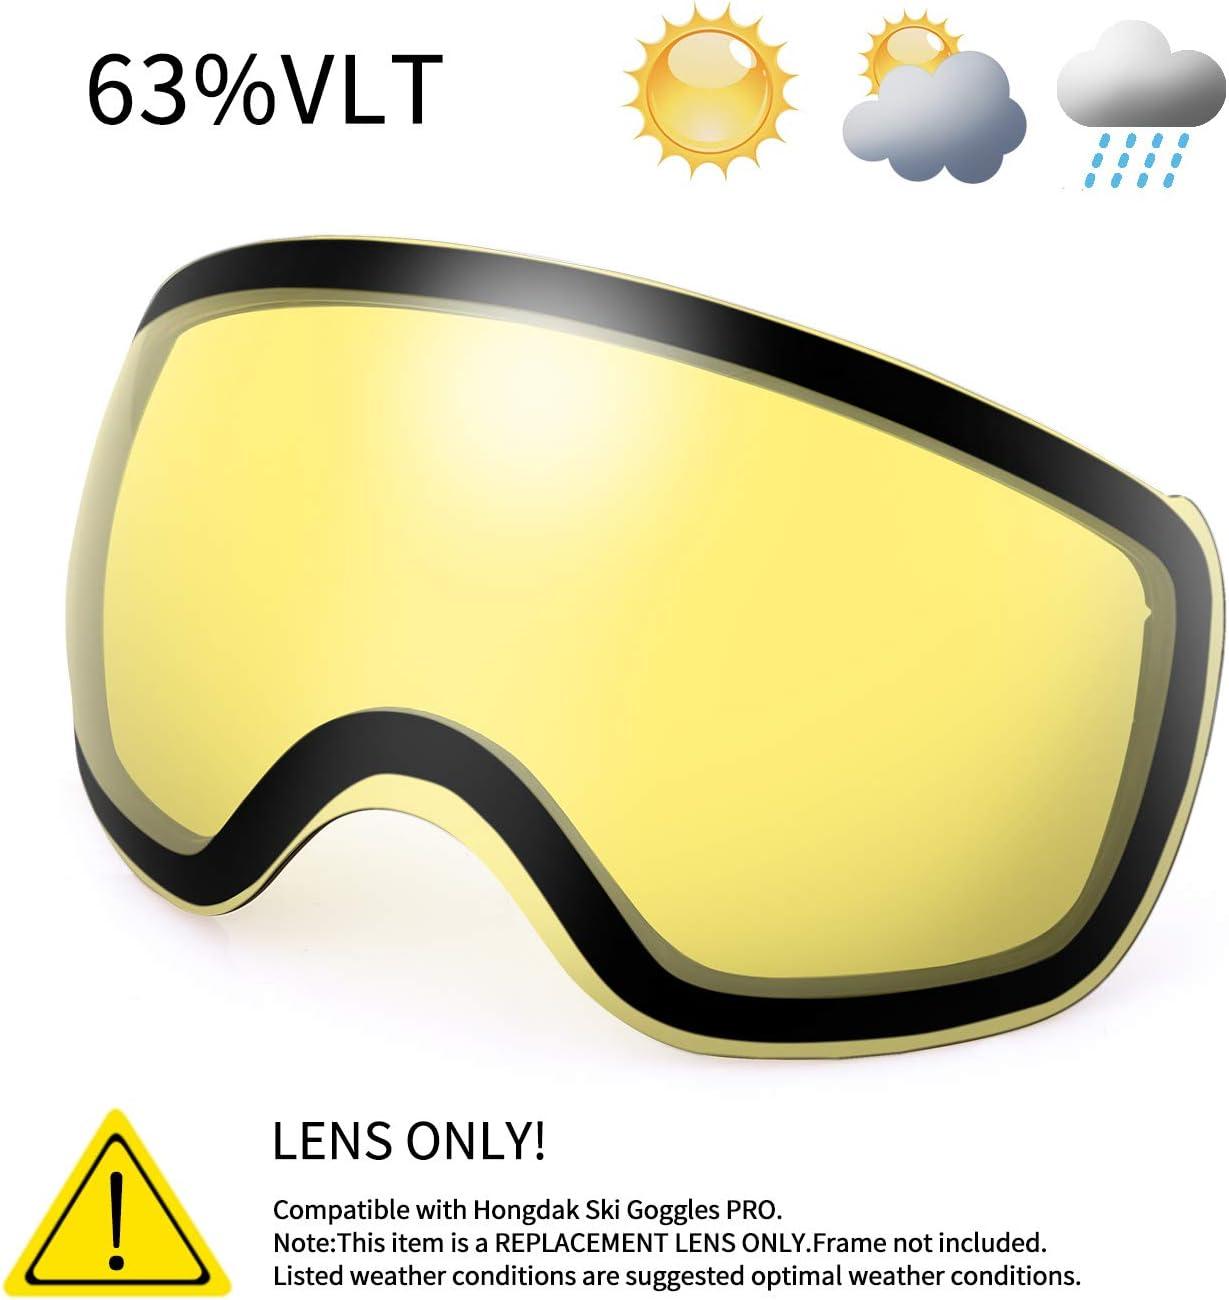 KUTOOK Gafas Esquí Hombre Mujer 100% UV400 Protección Gafas De Ventisca Ski OTG Máscara Snowboard Nieve Adultos Lente Anti Vaho De Doble Capa